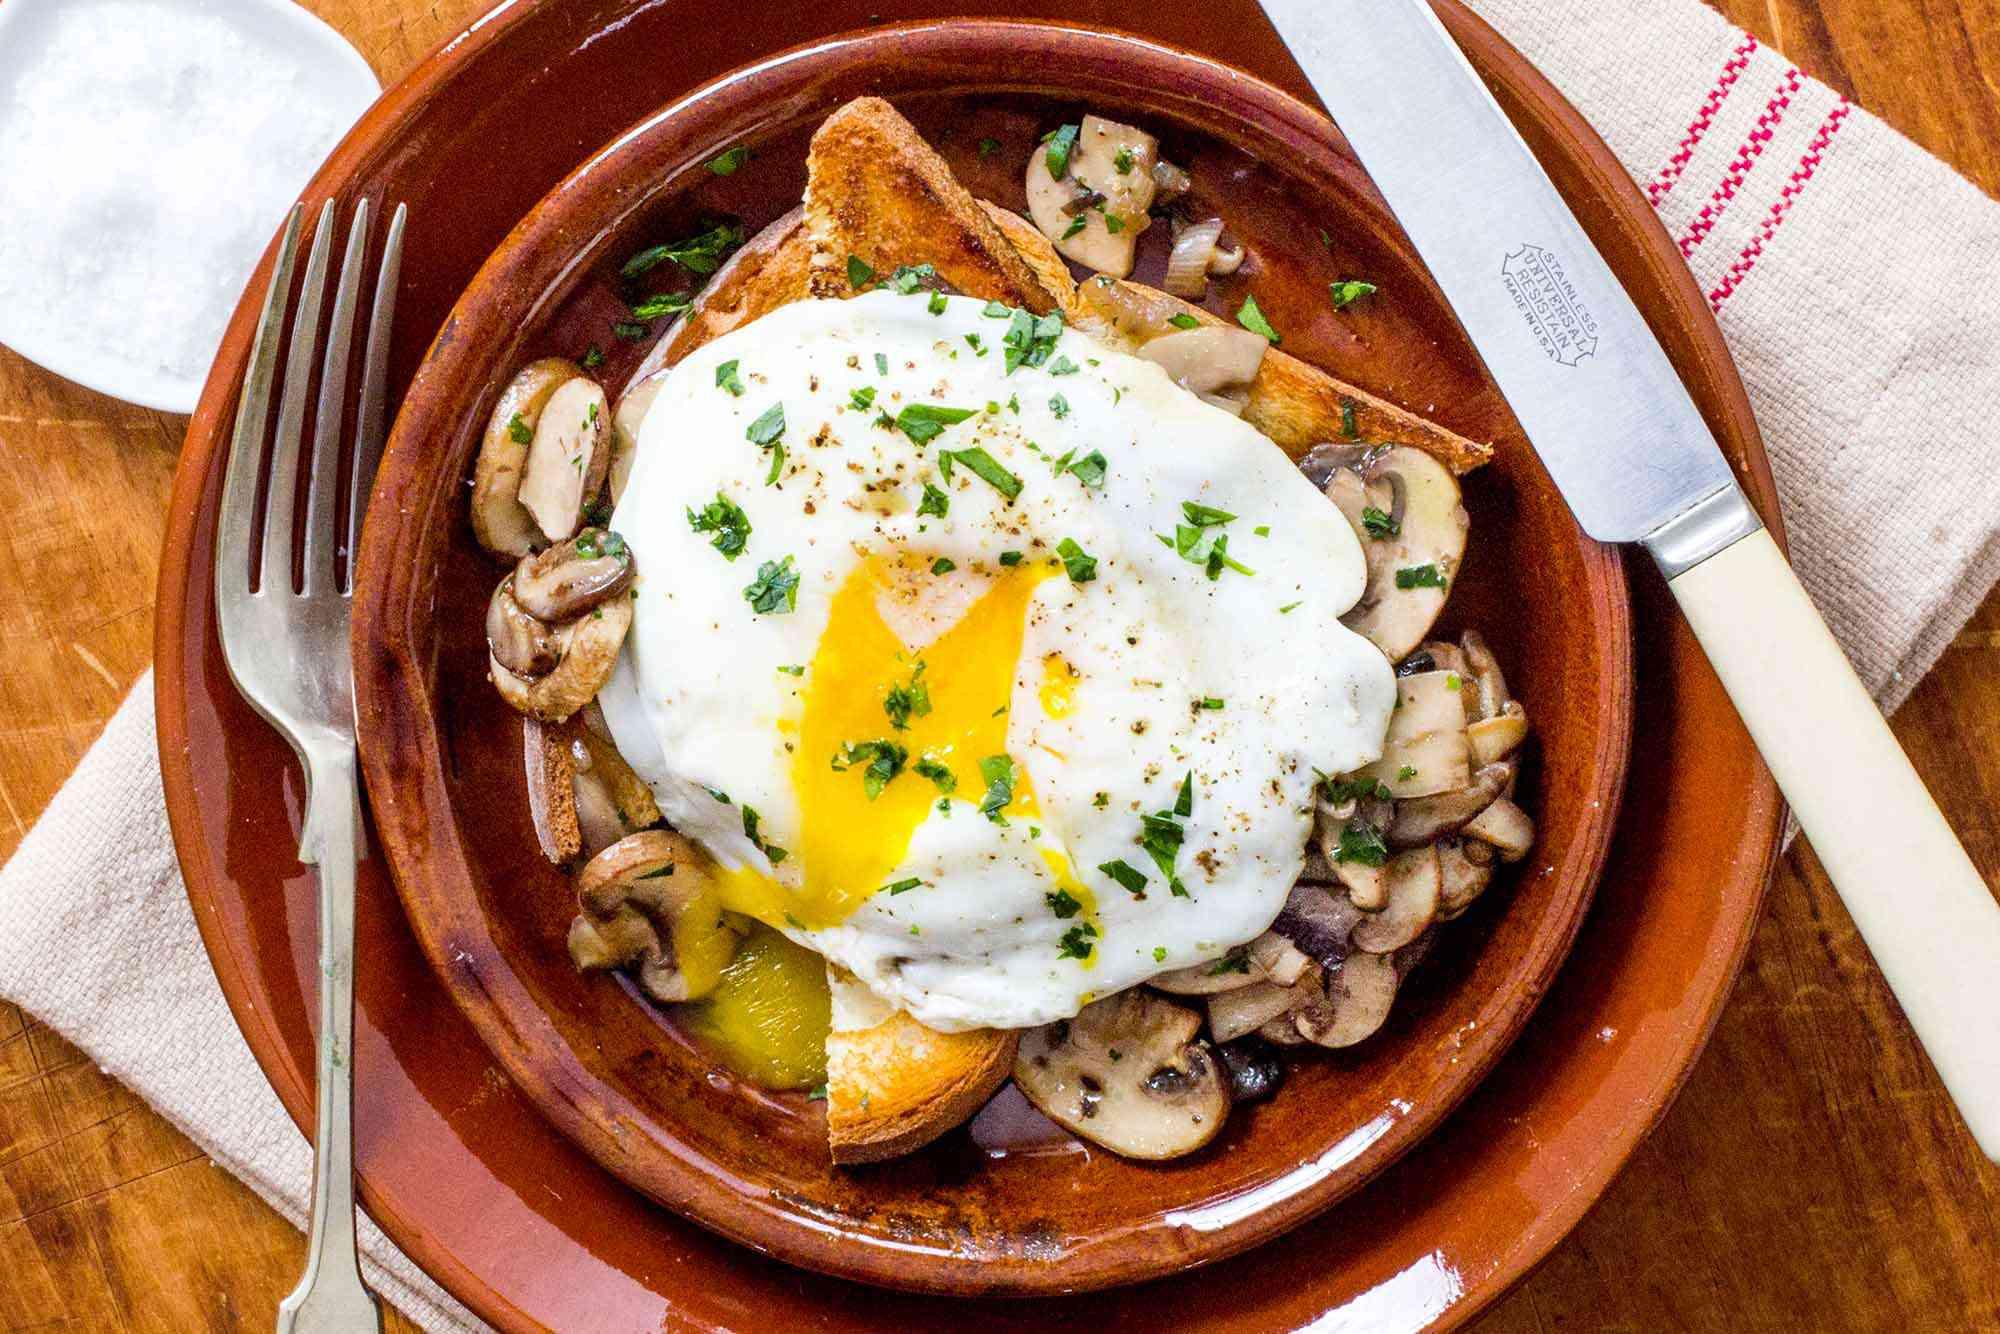 Mushrooms on toast with egg